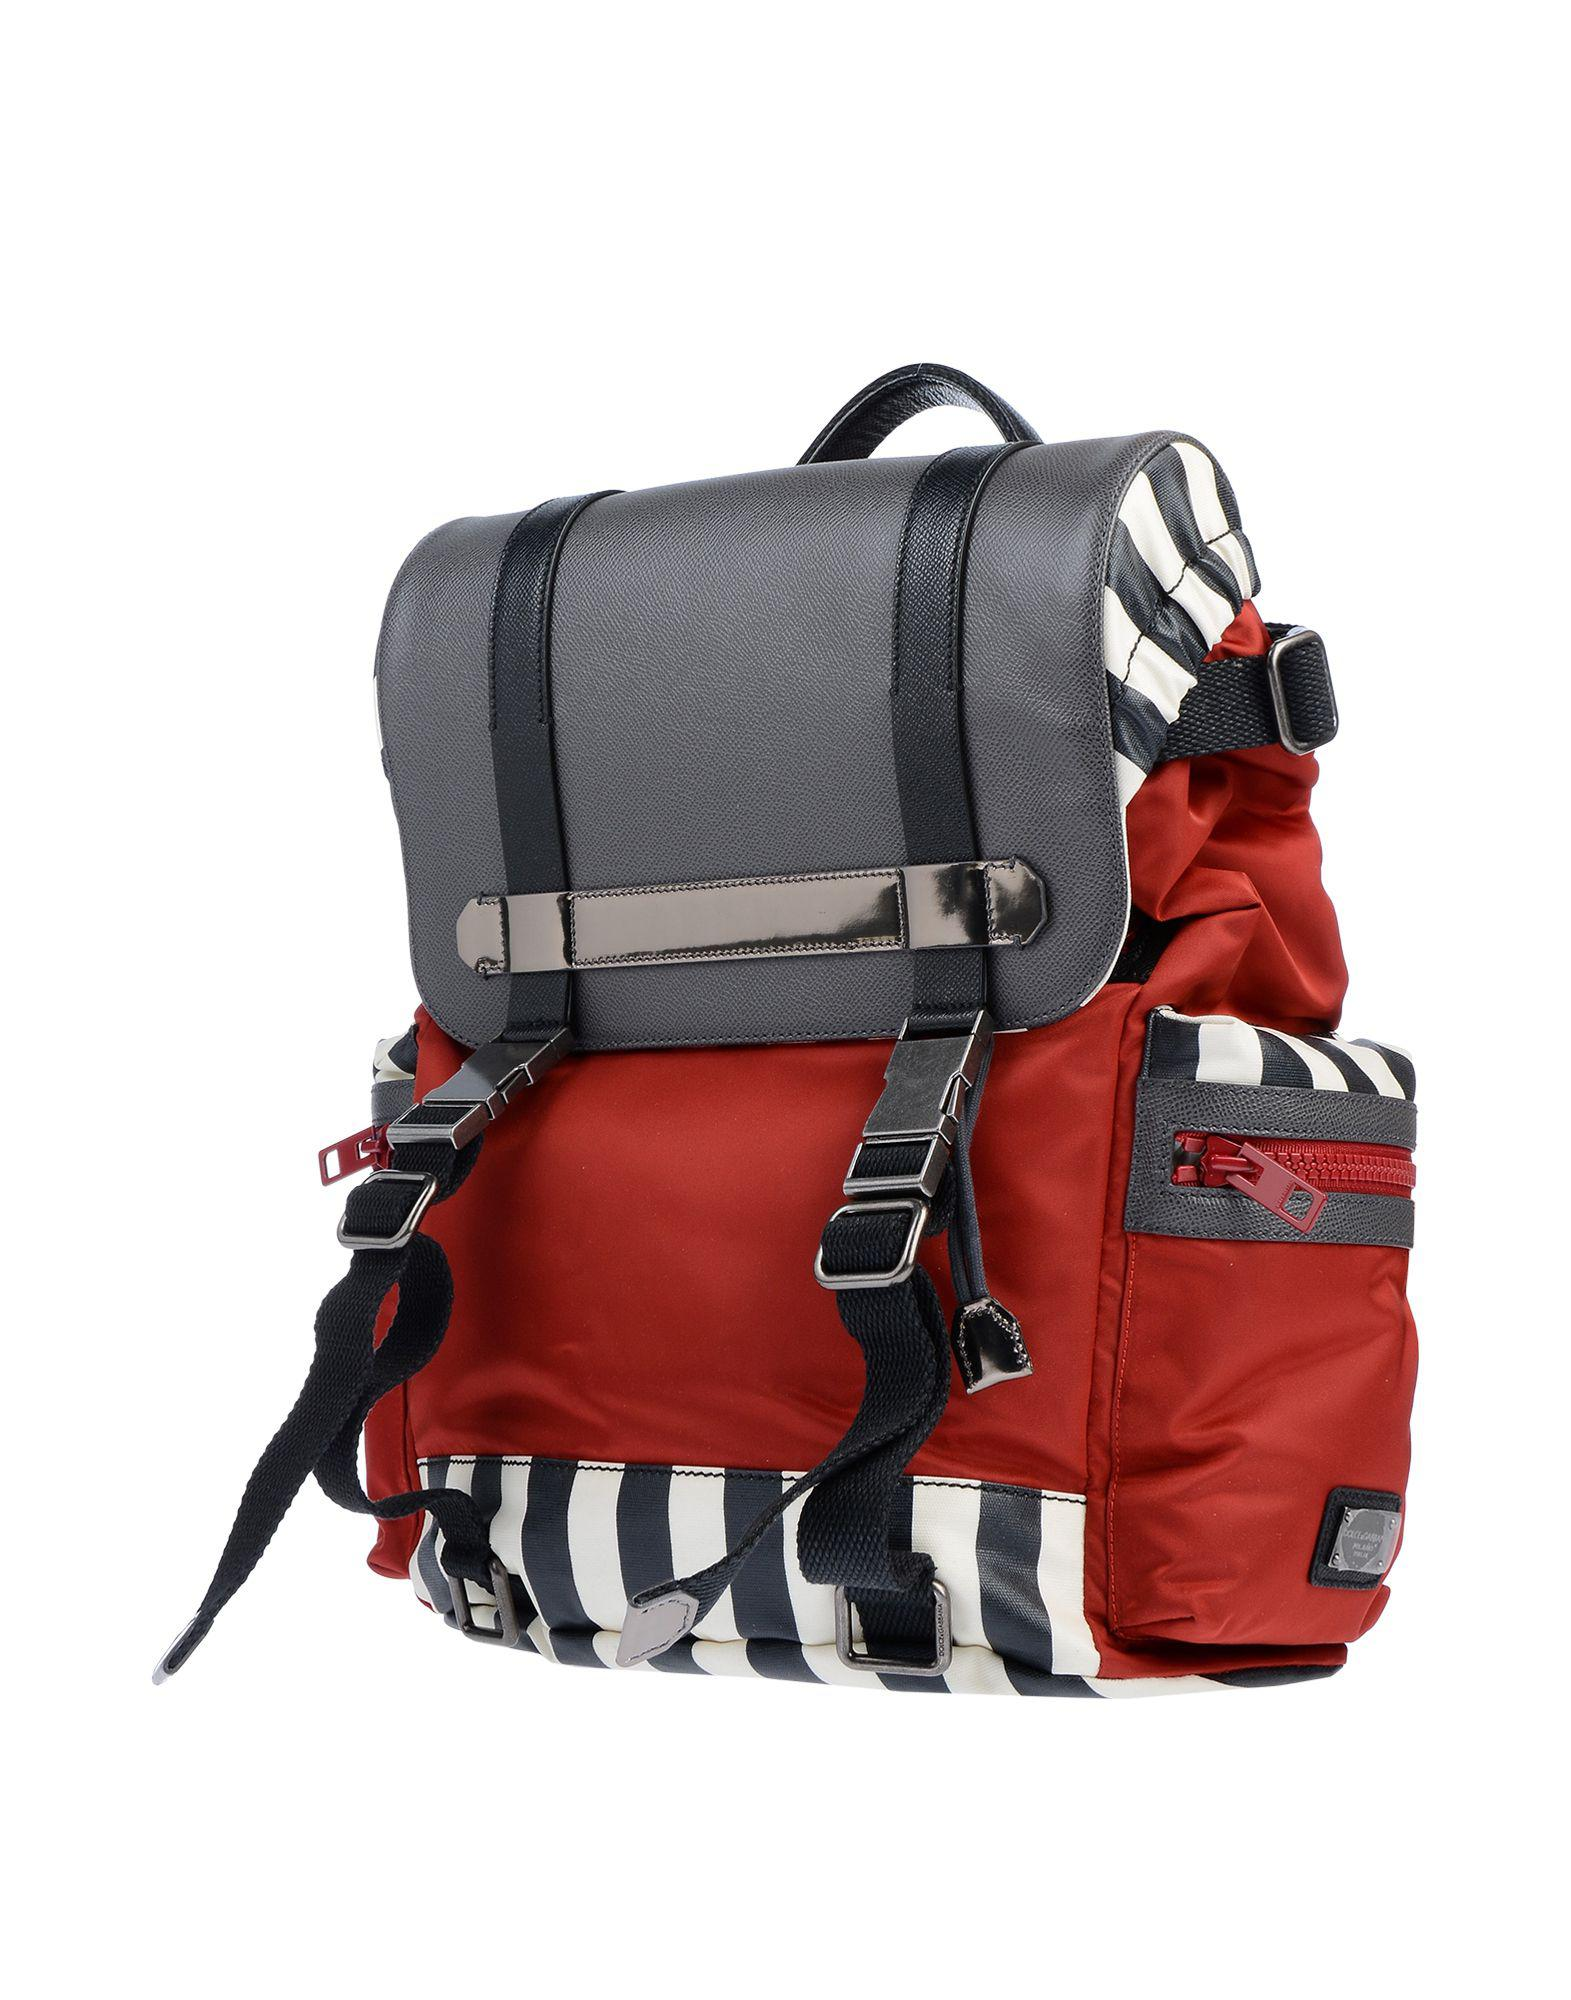 b631e483da4e Dolce   Gabbana Backpacks   Fanny Packs in Red for Men - Lyst